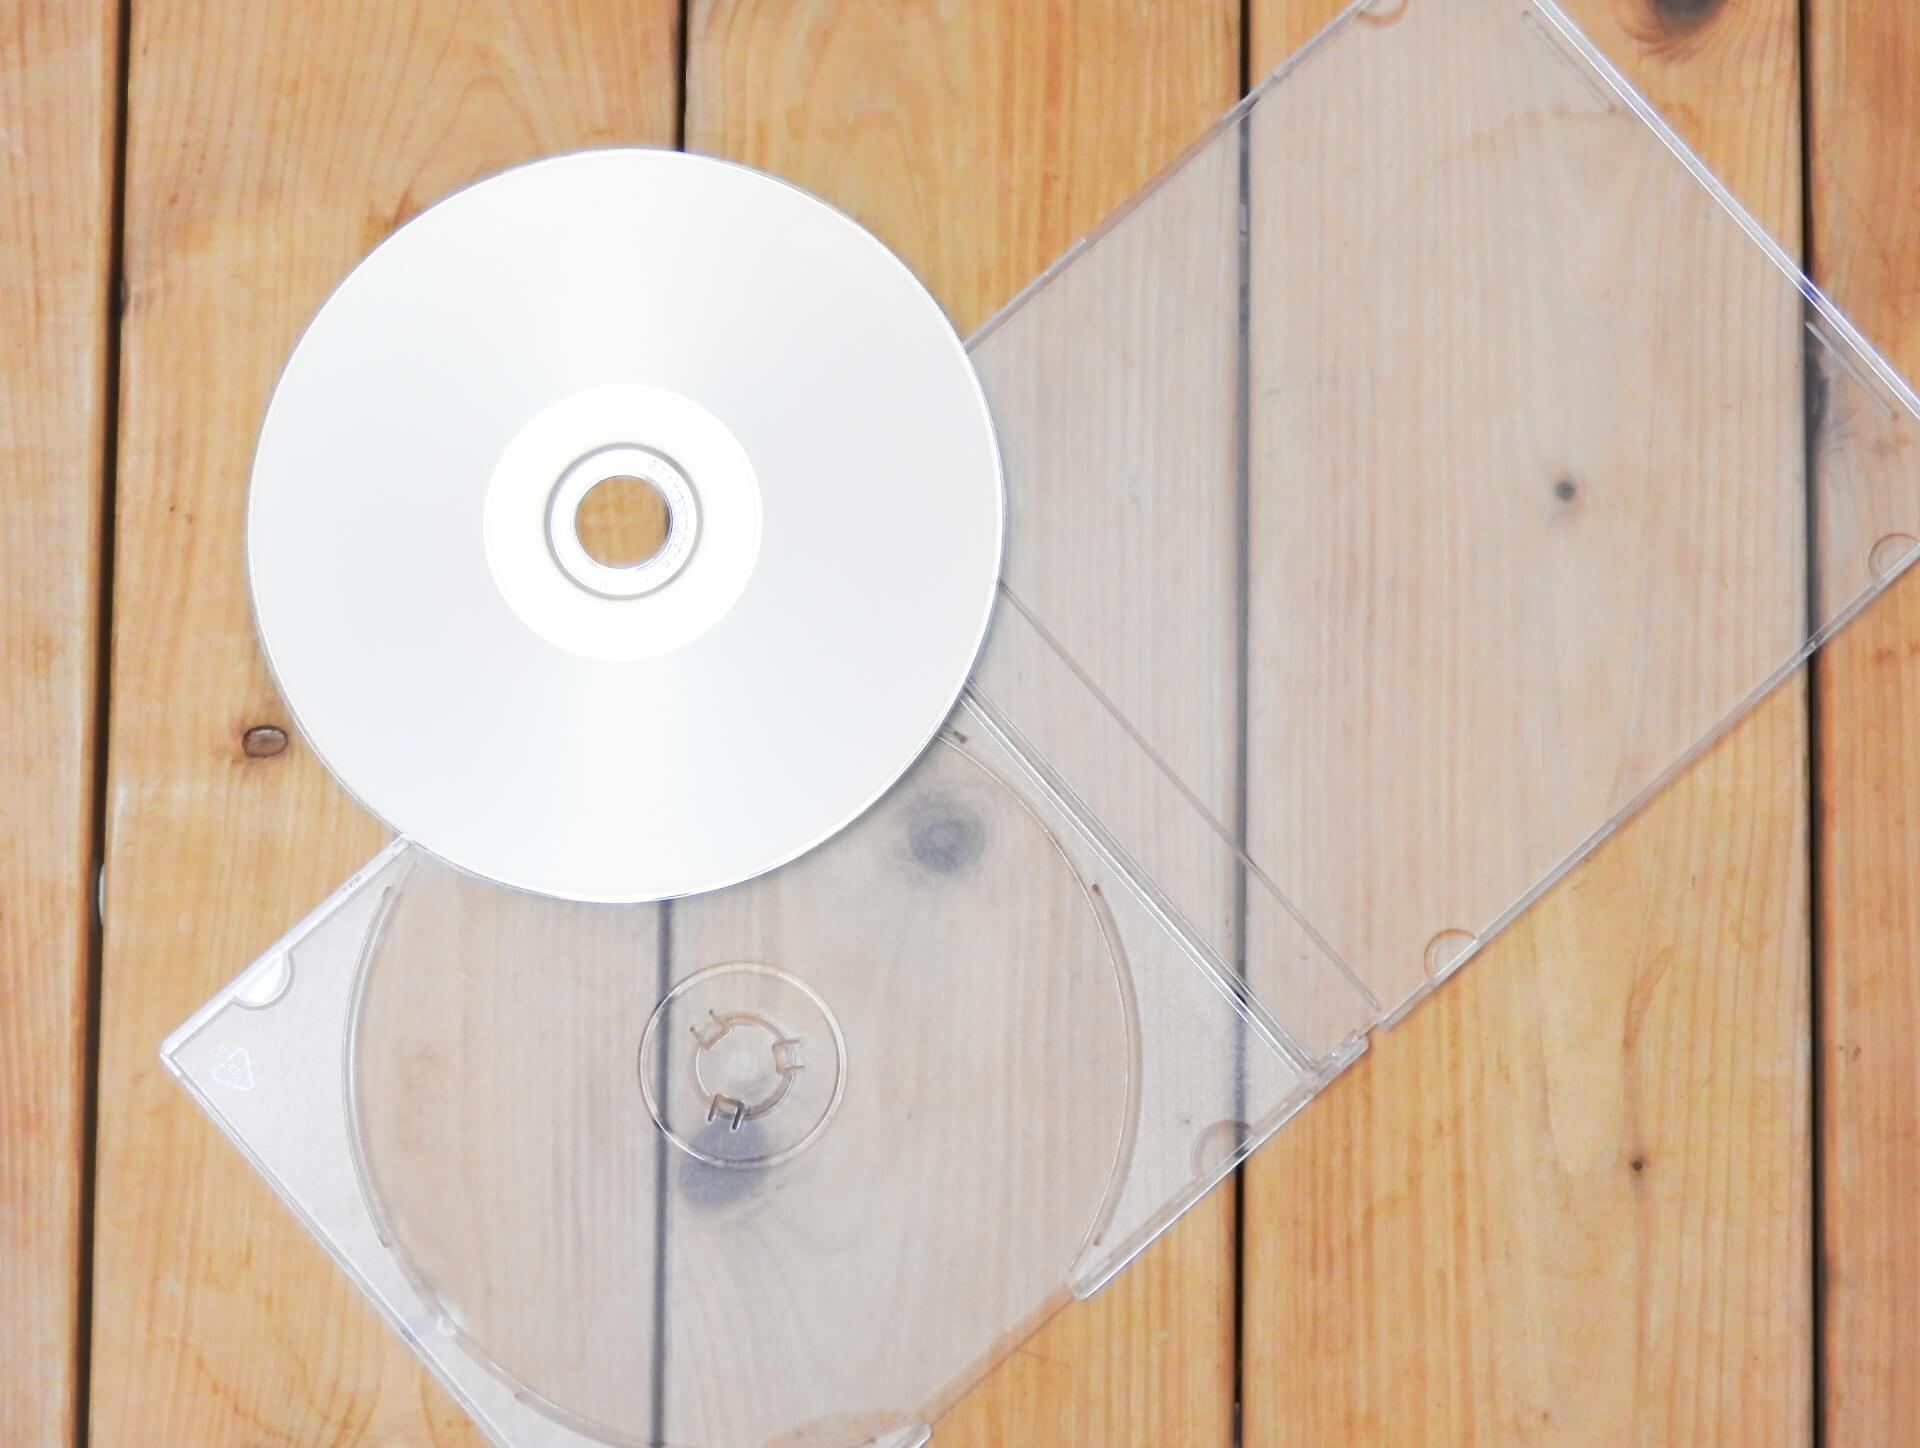 【小ロット】同人CDの作り方【高品質・低コスト】